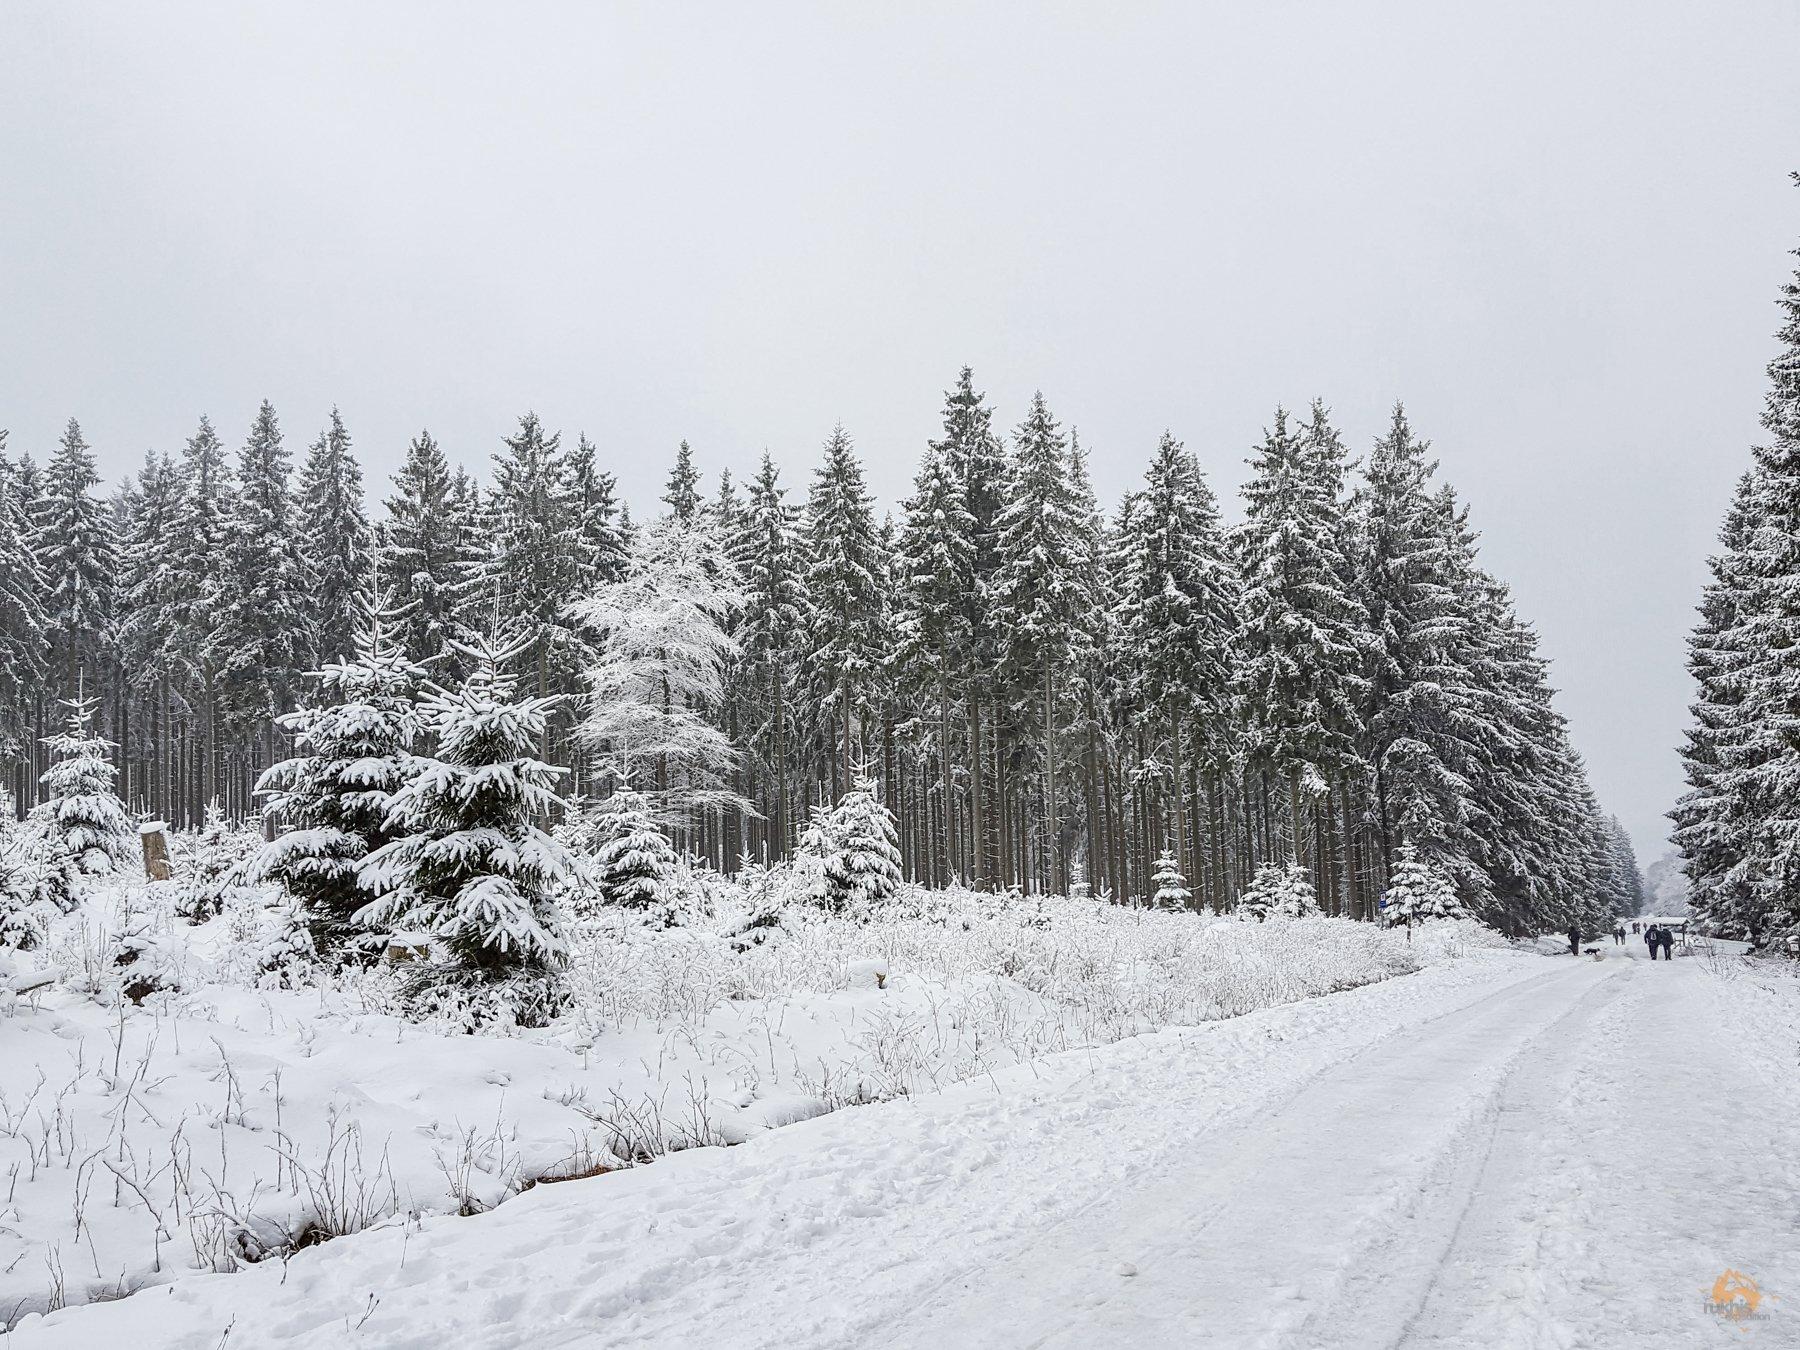 Winter Wonderland am Erbeskopf - Hunsrück-Hochwald - Rheinland Pfalz